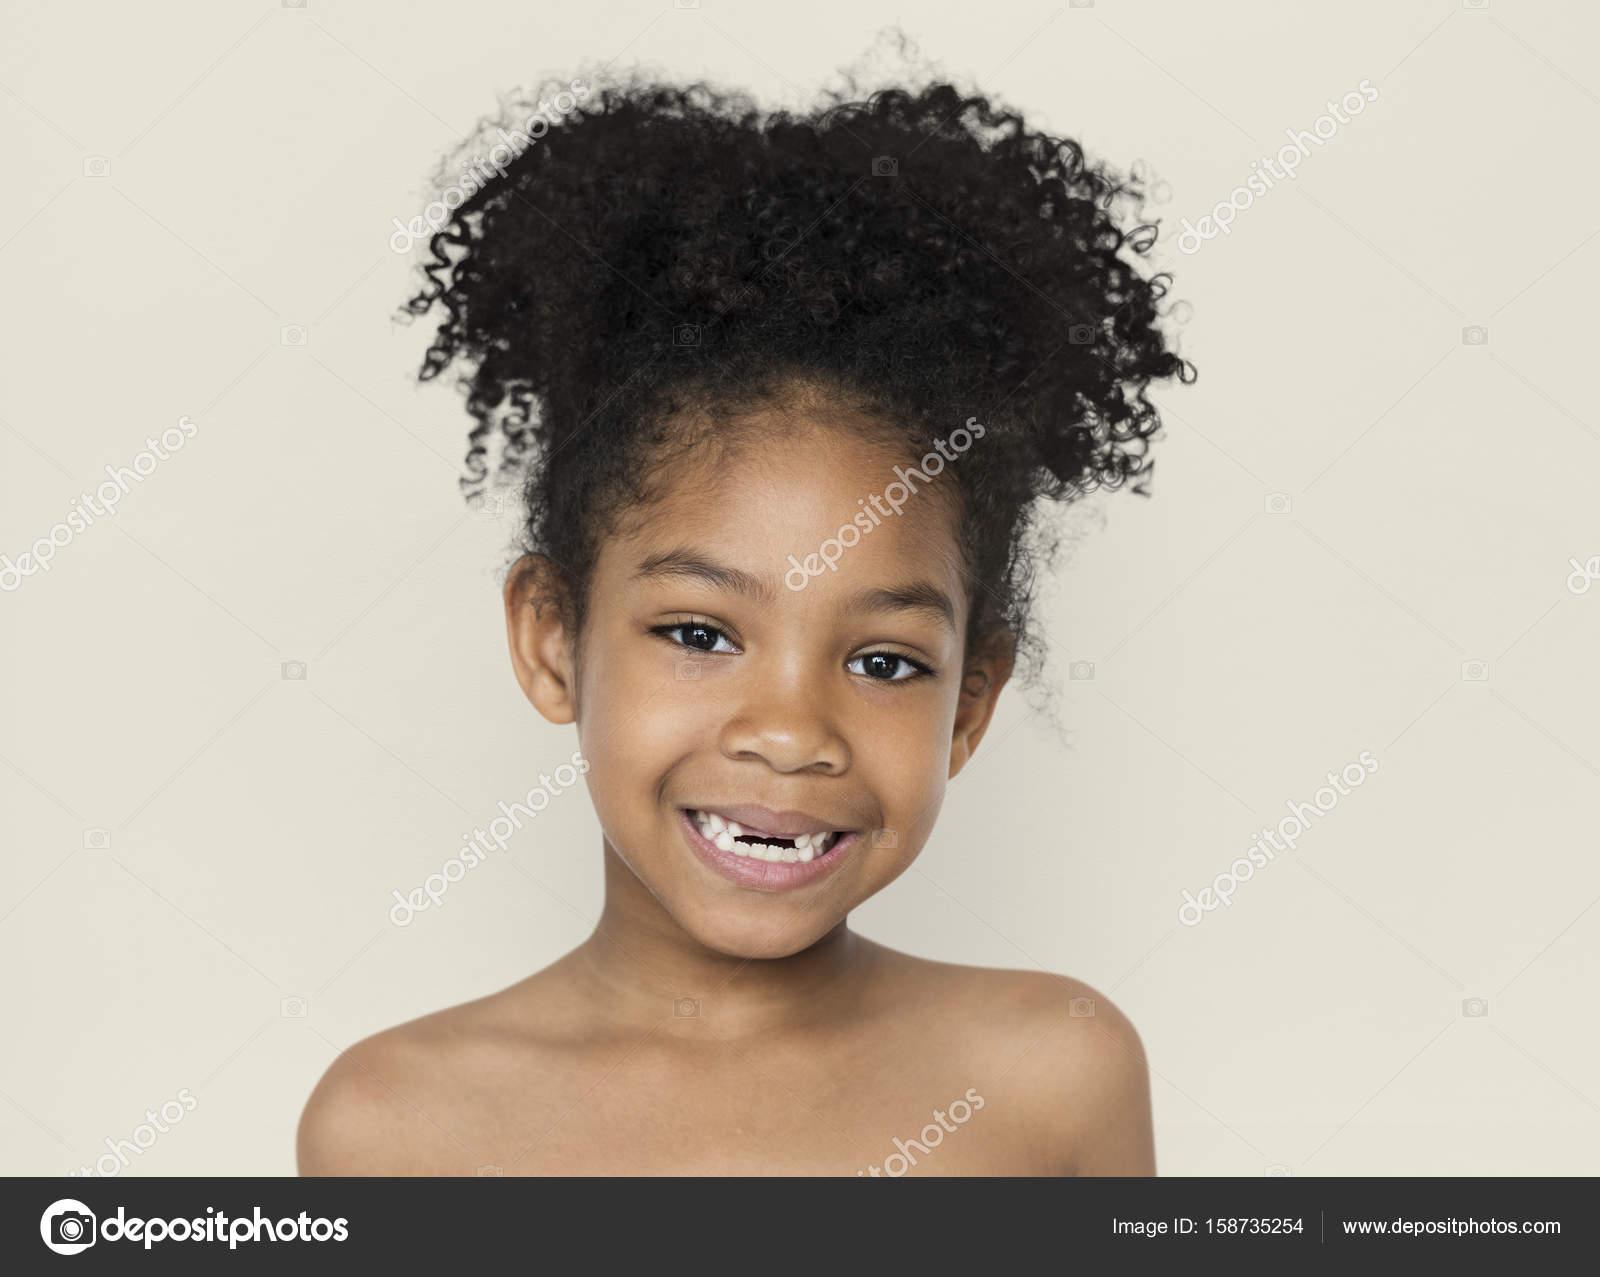 σόλο γυμνό κορίτσι φωτογραφίες μεγάλα πέη νεαρά κορίτσια